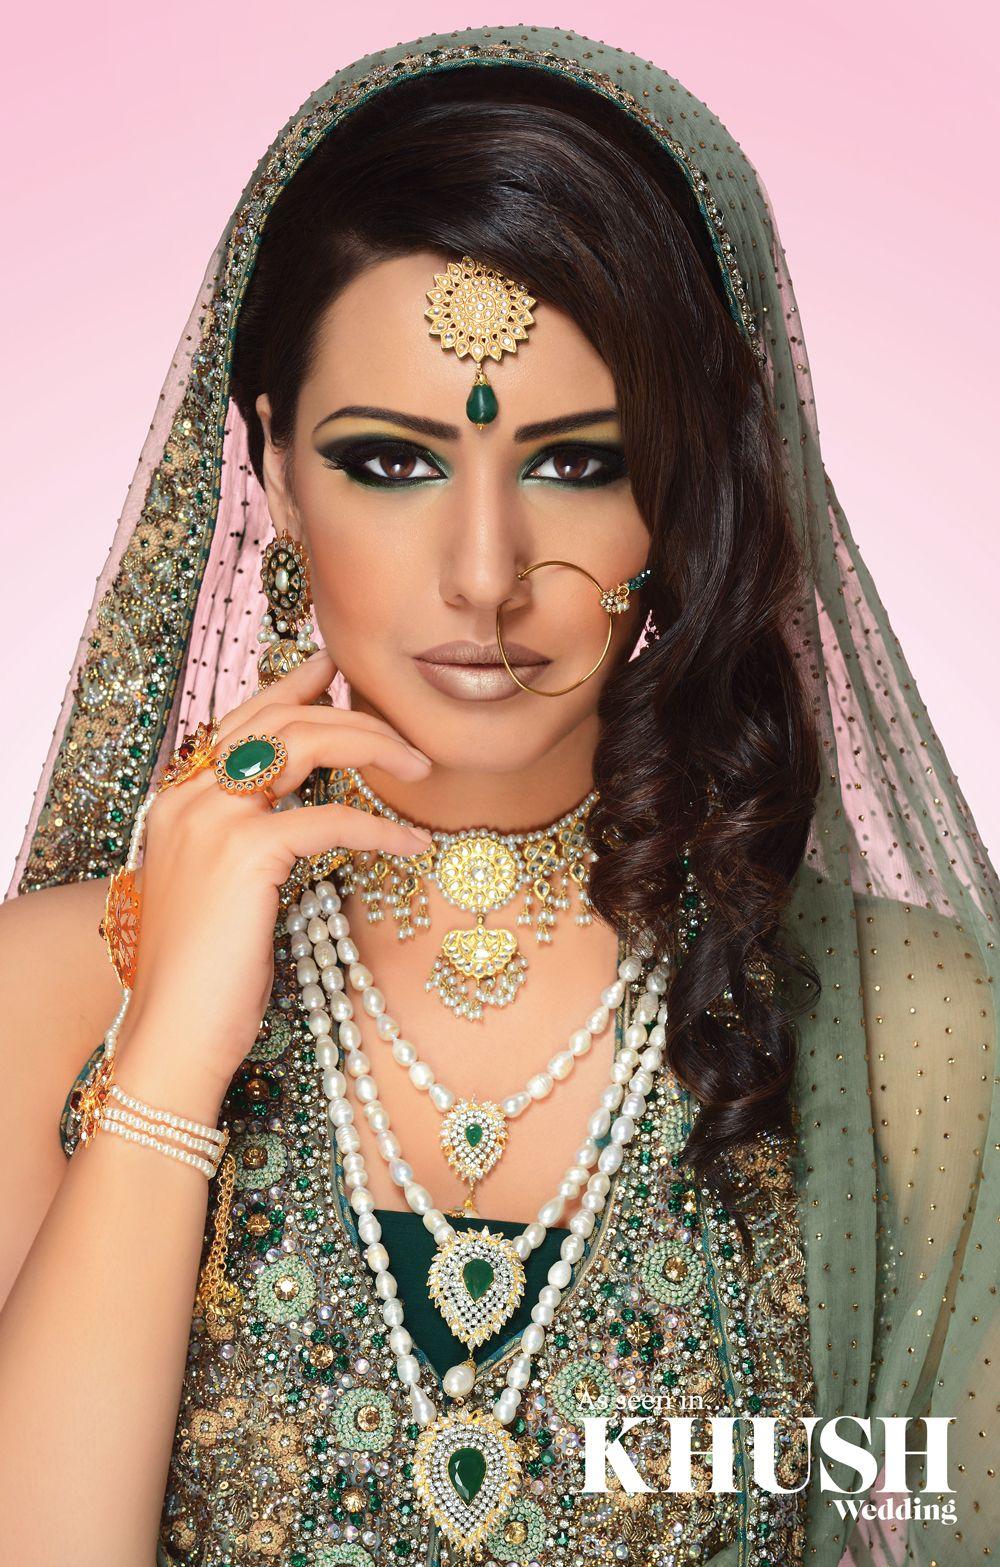 we adore this look by sophiac hair & makeup artist london